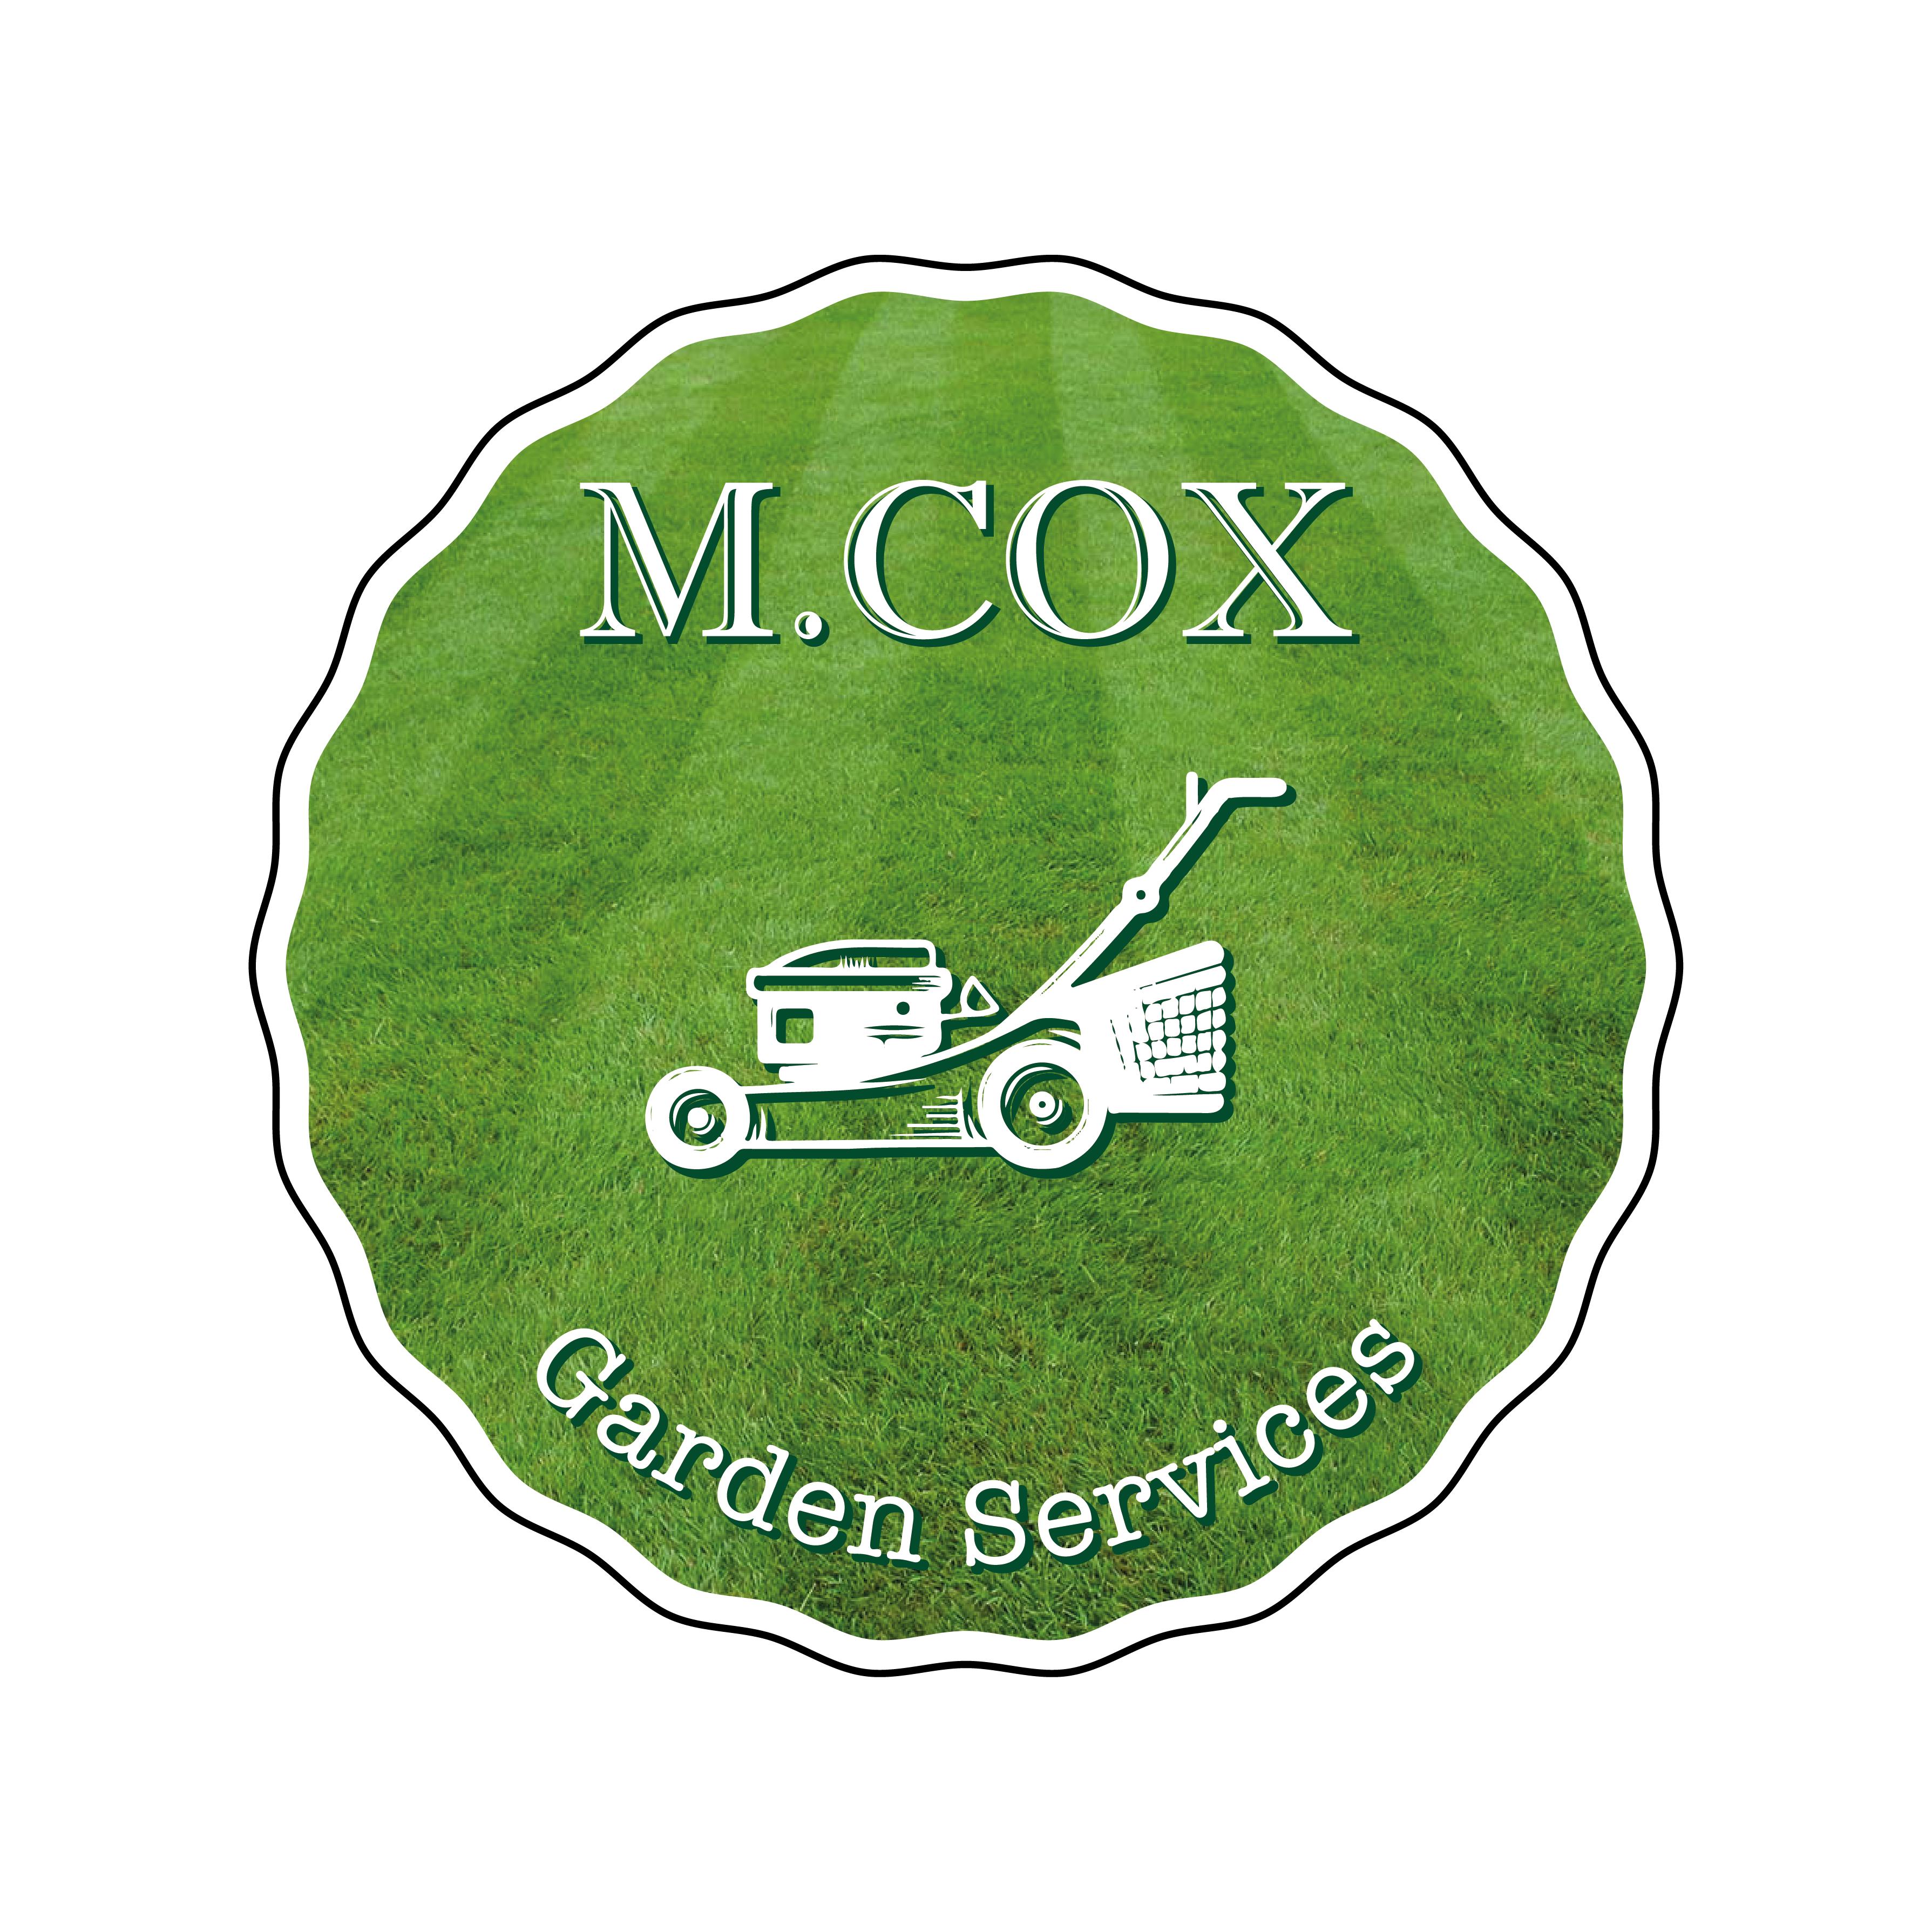 M Cox Garden Services